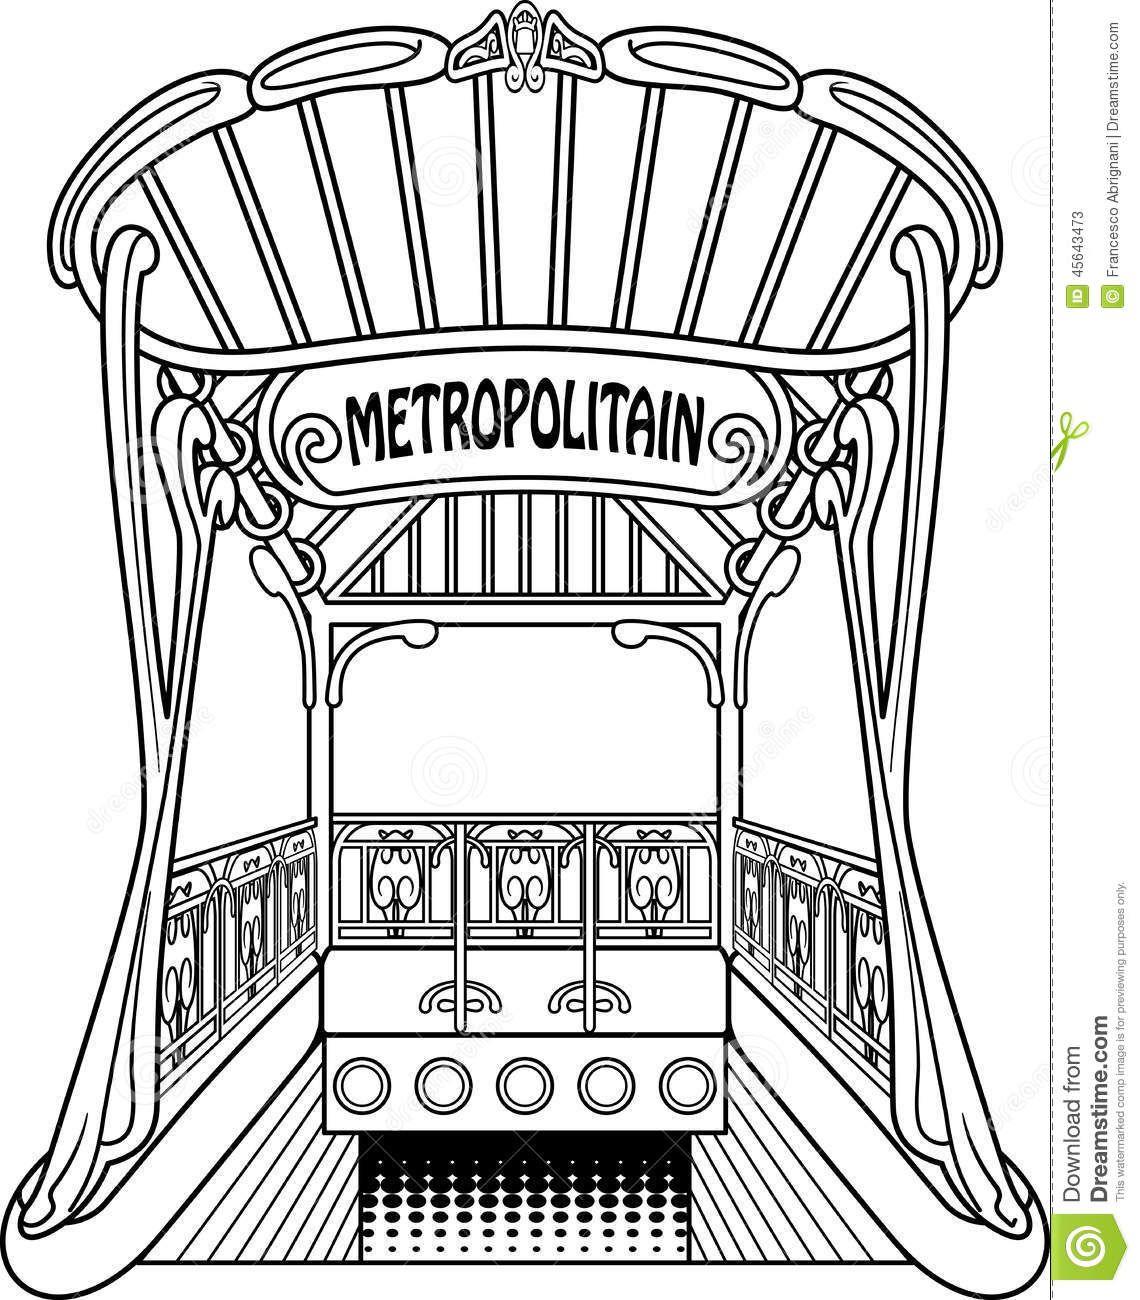 Plaque Metro Parisien Deco image result for paris metro vector | metro paris, little paris